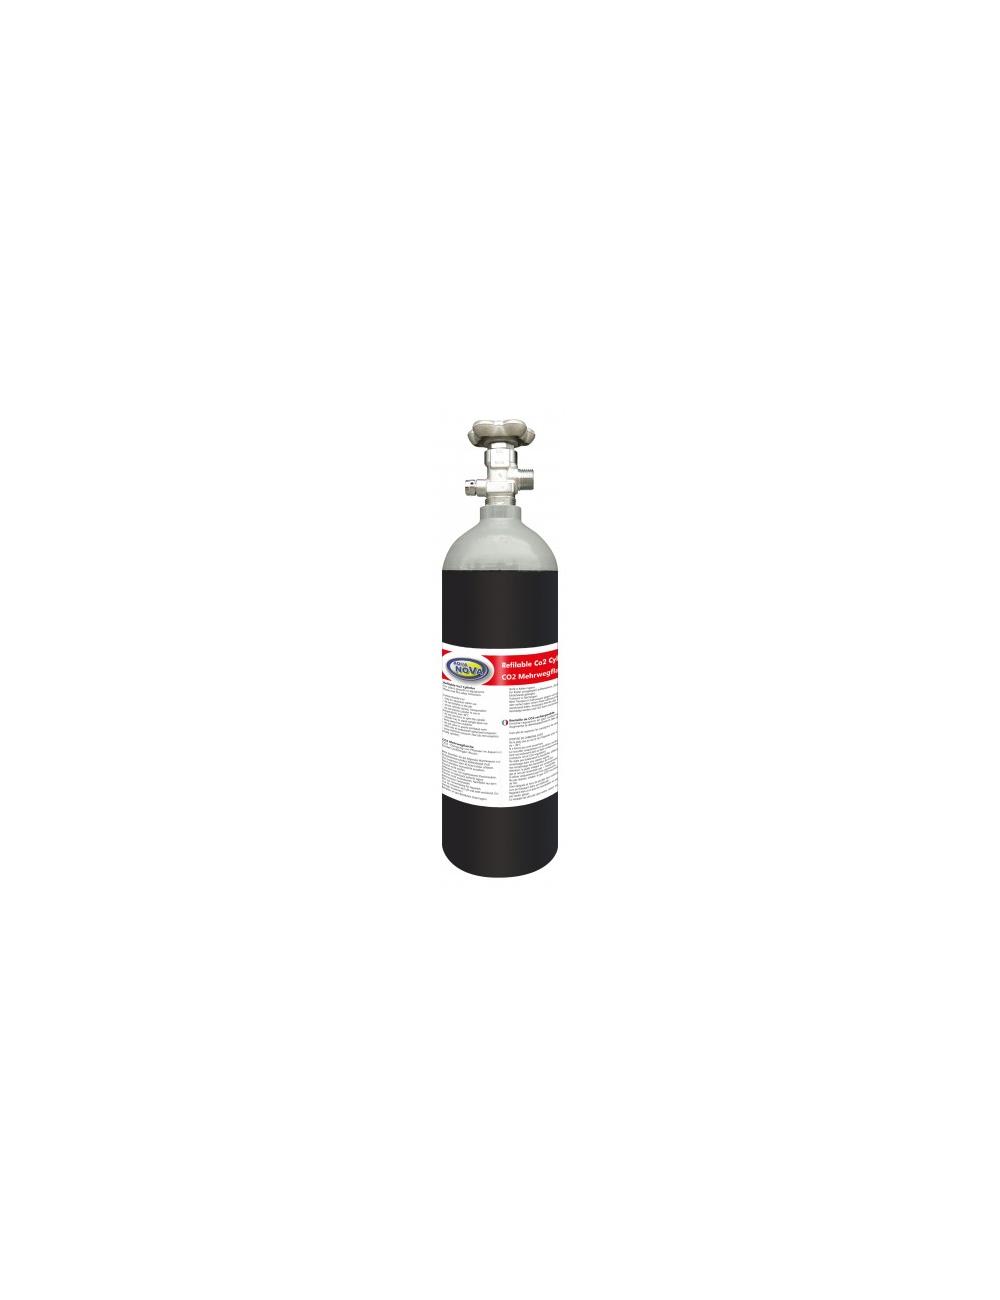 AQUA NOVA - Bouteille CO2 rechargeable 3.75kg